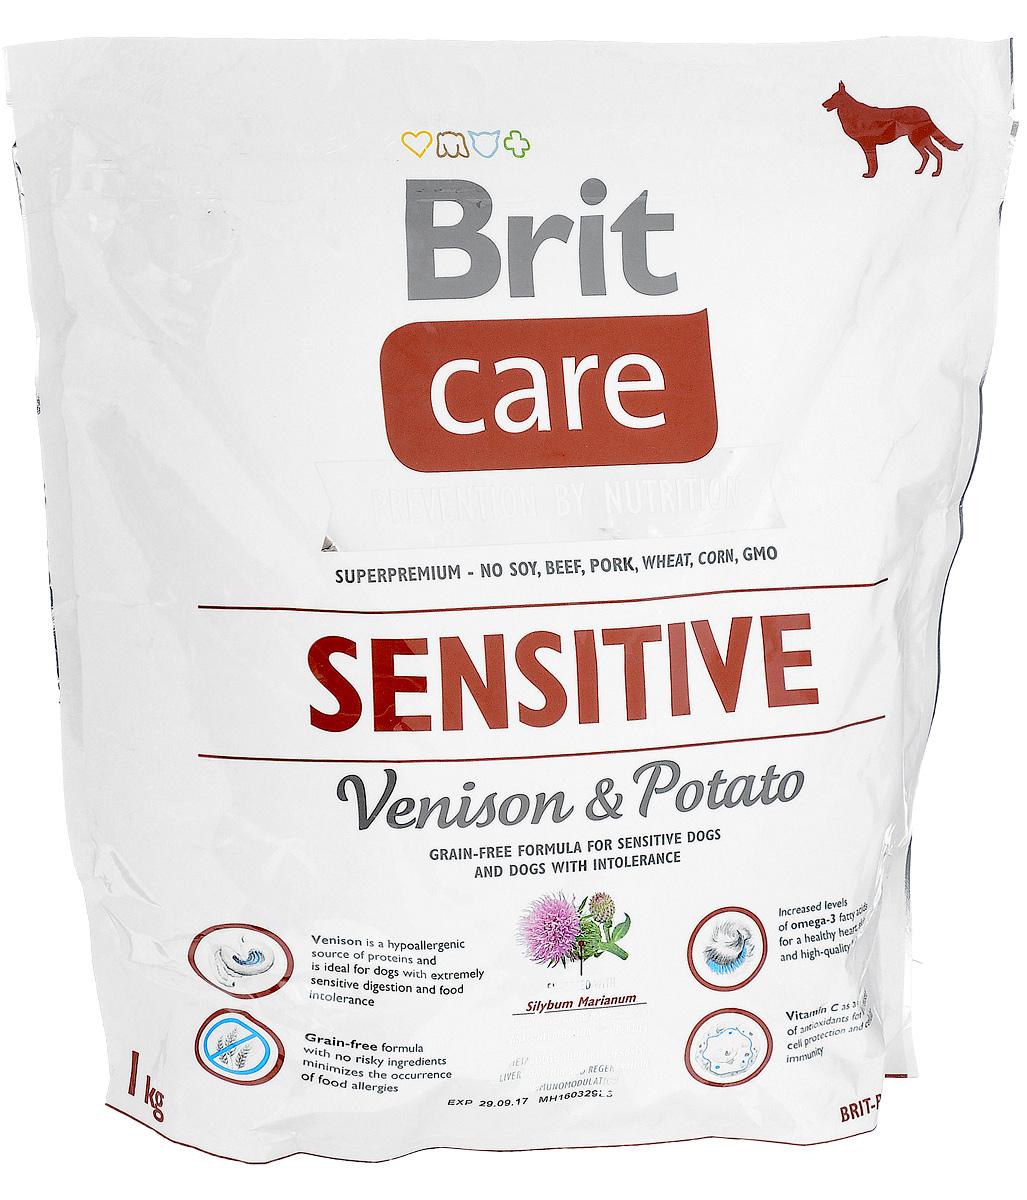 Корм сухой Brit Care Sensitive для собак с чувствительным пищеварением, с олениной и картофелем, 1 кг8595602510825Сухой полнорационный корм Brit Care Sensitive предназначен для собак с чувствительным пищеварением и при пищевой непереносимости. Специально разработанный состав улучшает баланс микрофлоры кишечника.Товар сертифицирован.Расстройства пищеварения у собак: кто виноват и что делать. Статья OZON ГидЧем кормить пожилых собак: советы ветеринара. Статья OZON Гид